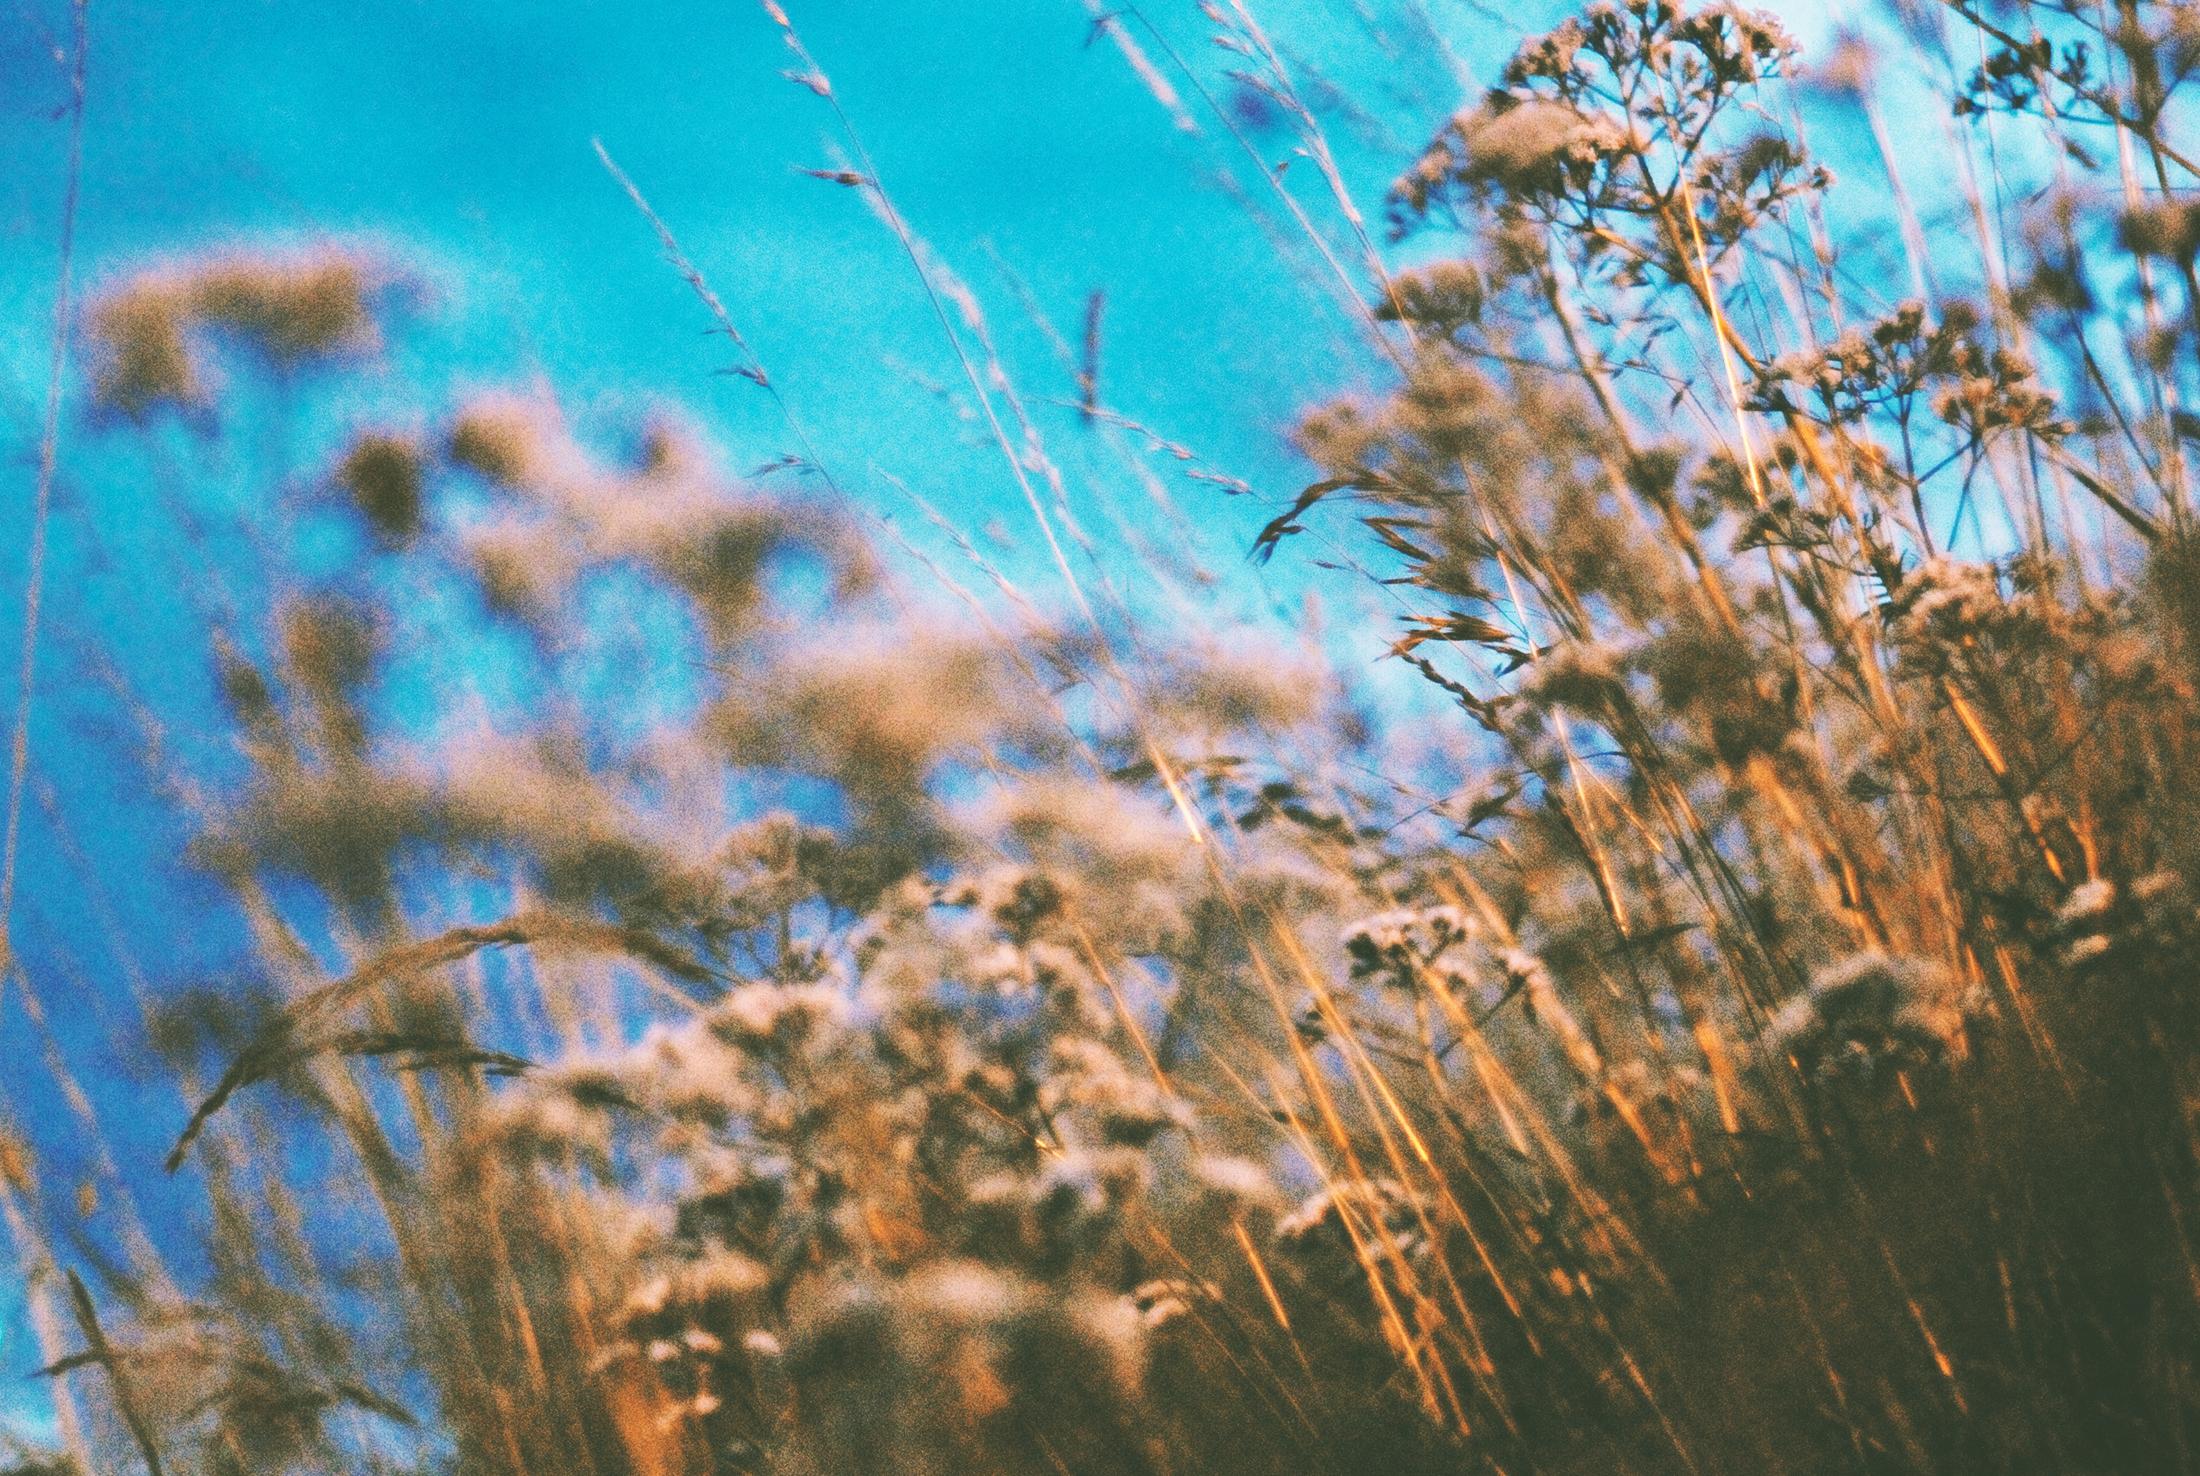 Maja_Malmcrona_photo_weed_1.jpg